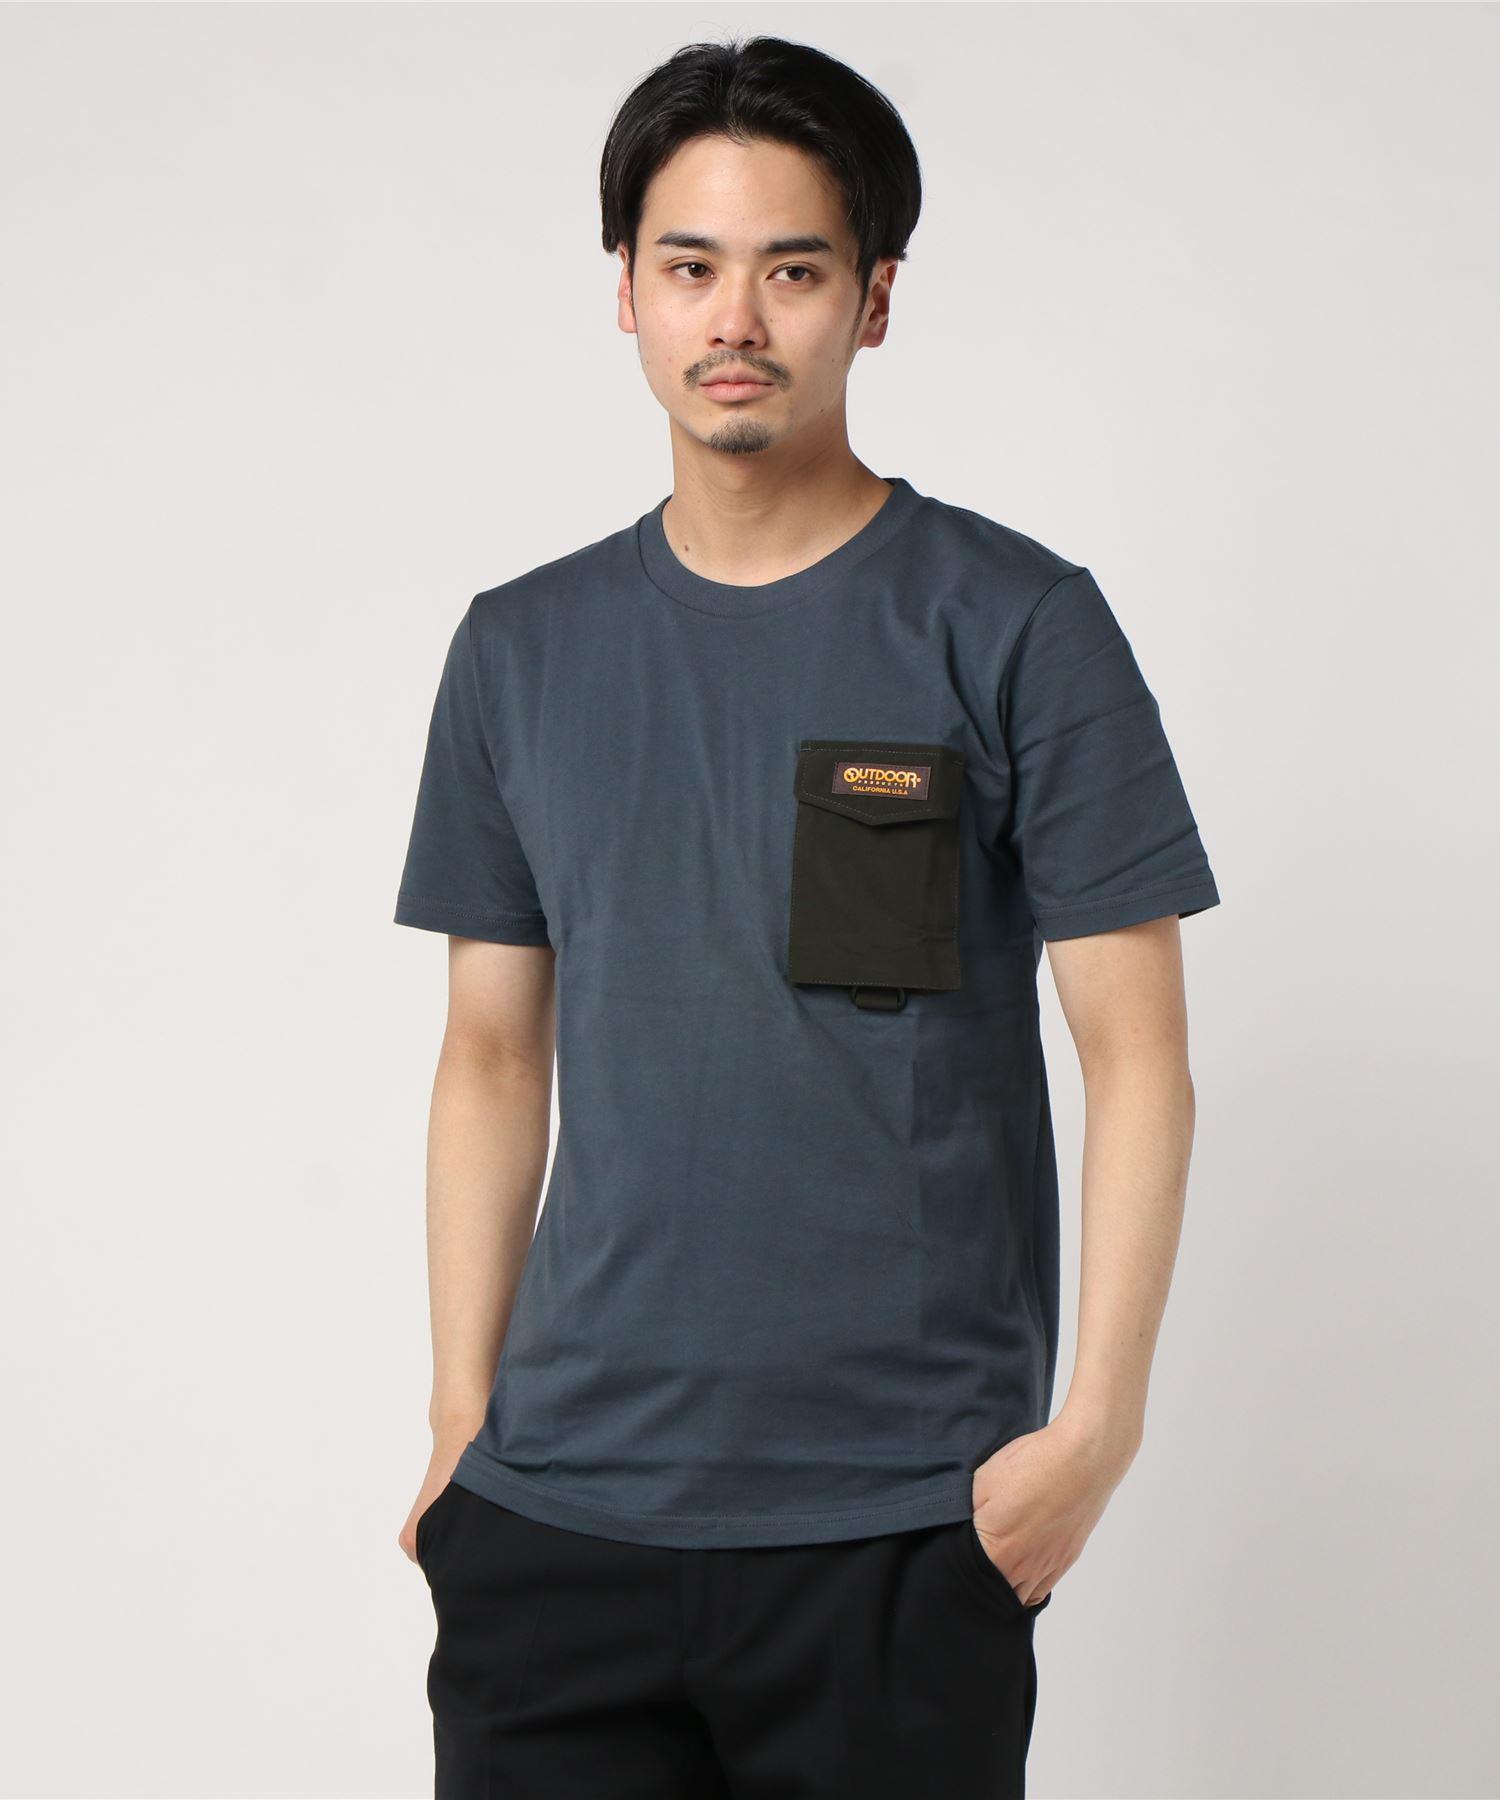 ロゴテープ シリコンロゴ プリントTシャツ ポケット付き